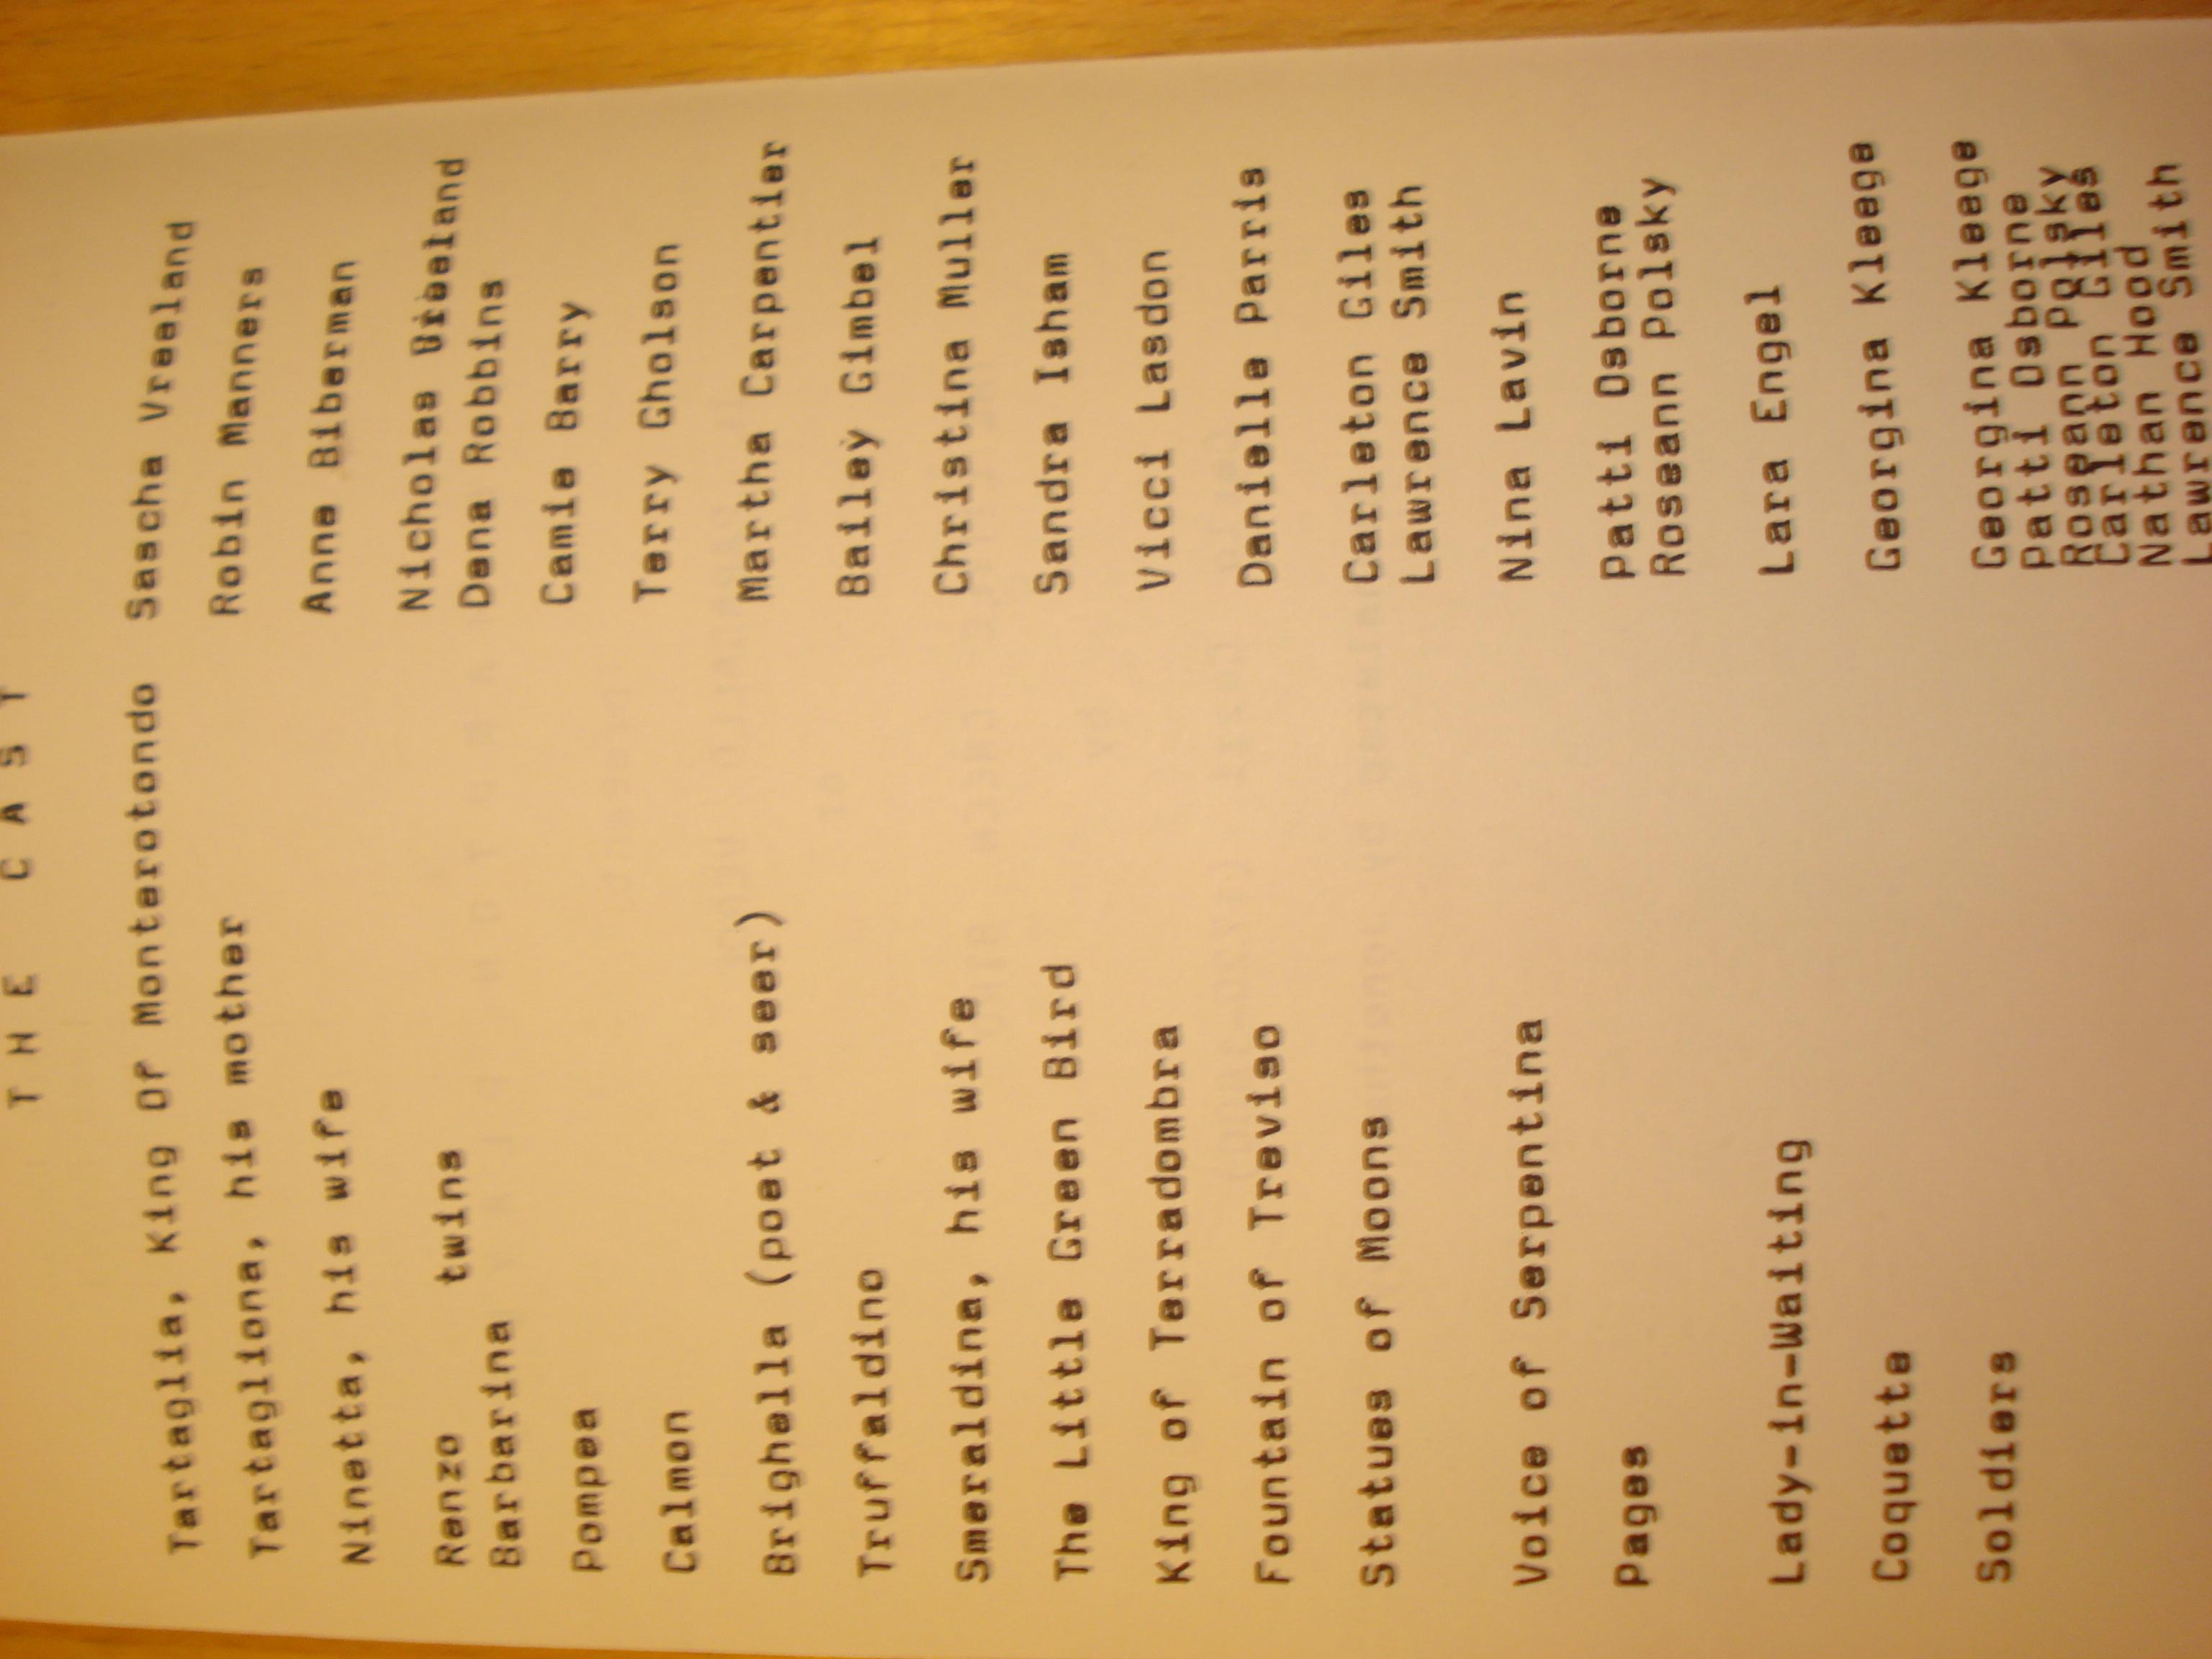 The Little Green Bird Cast List